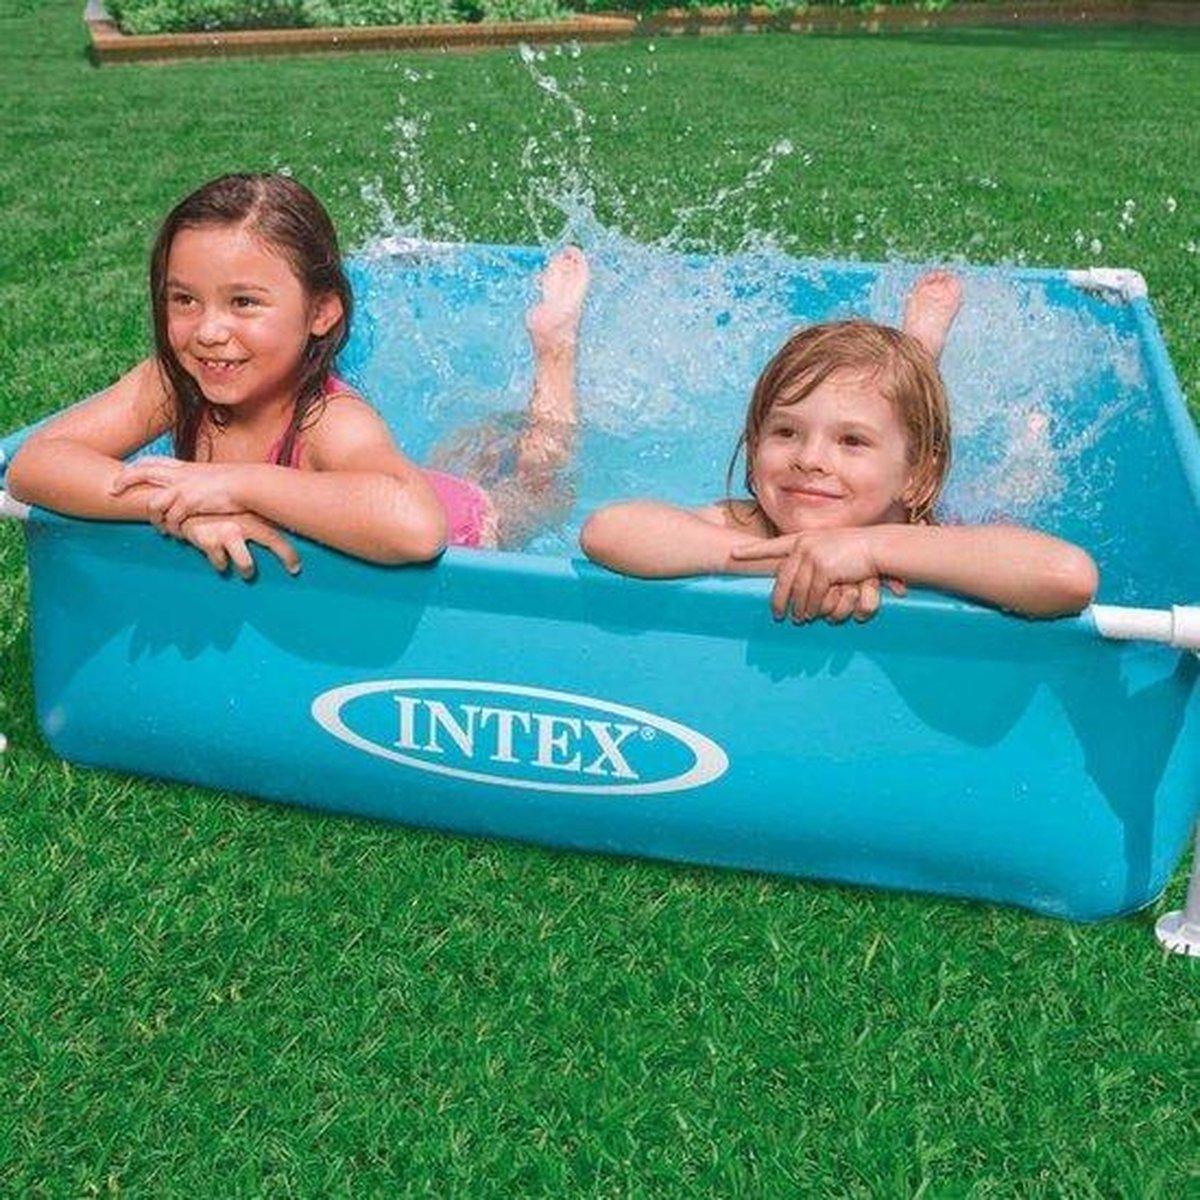 intex zwembad mini opzet zwembad frame | blauw | 122x122 cm | kinderzwembad | bassin | vierkant | vanaf 3 jaar |buiten | (Incl schroefventiel en reparatiesetje)